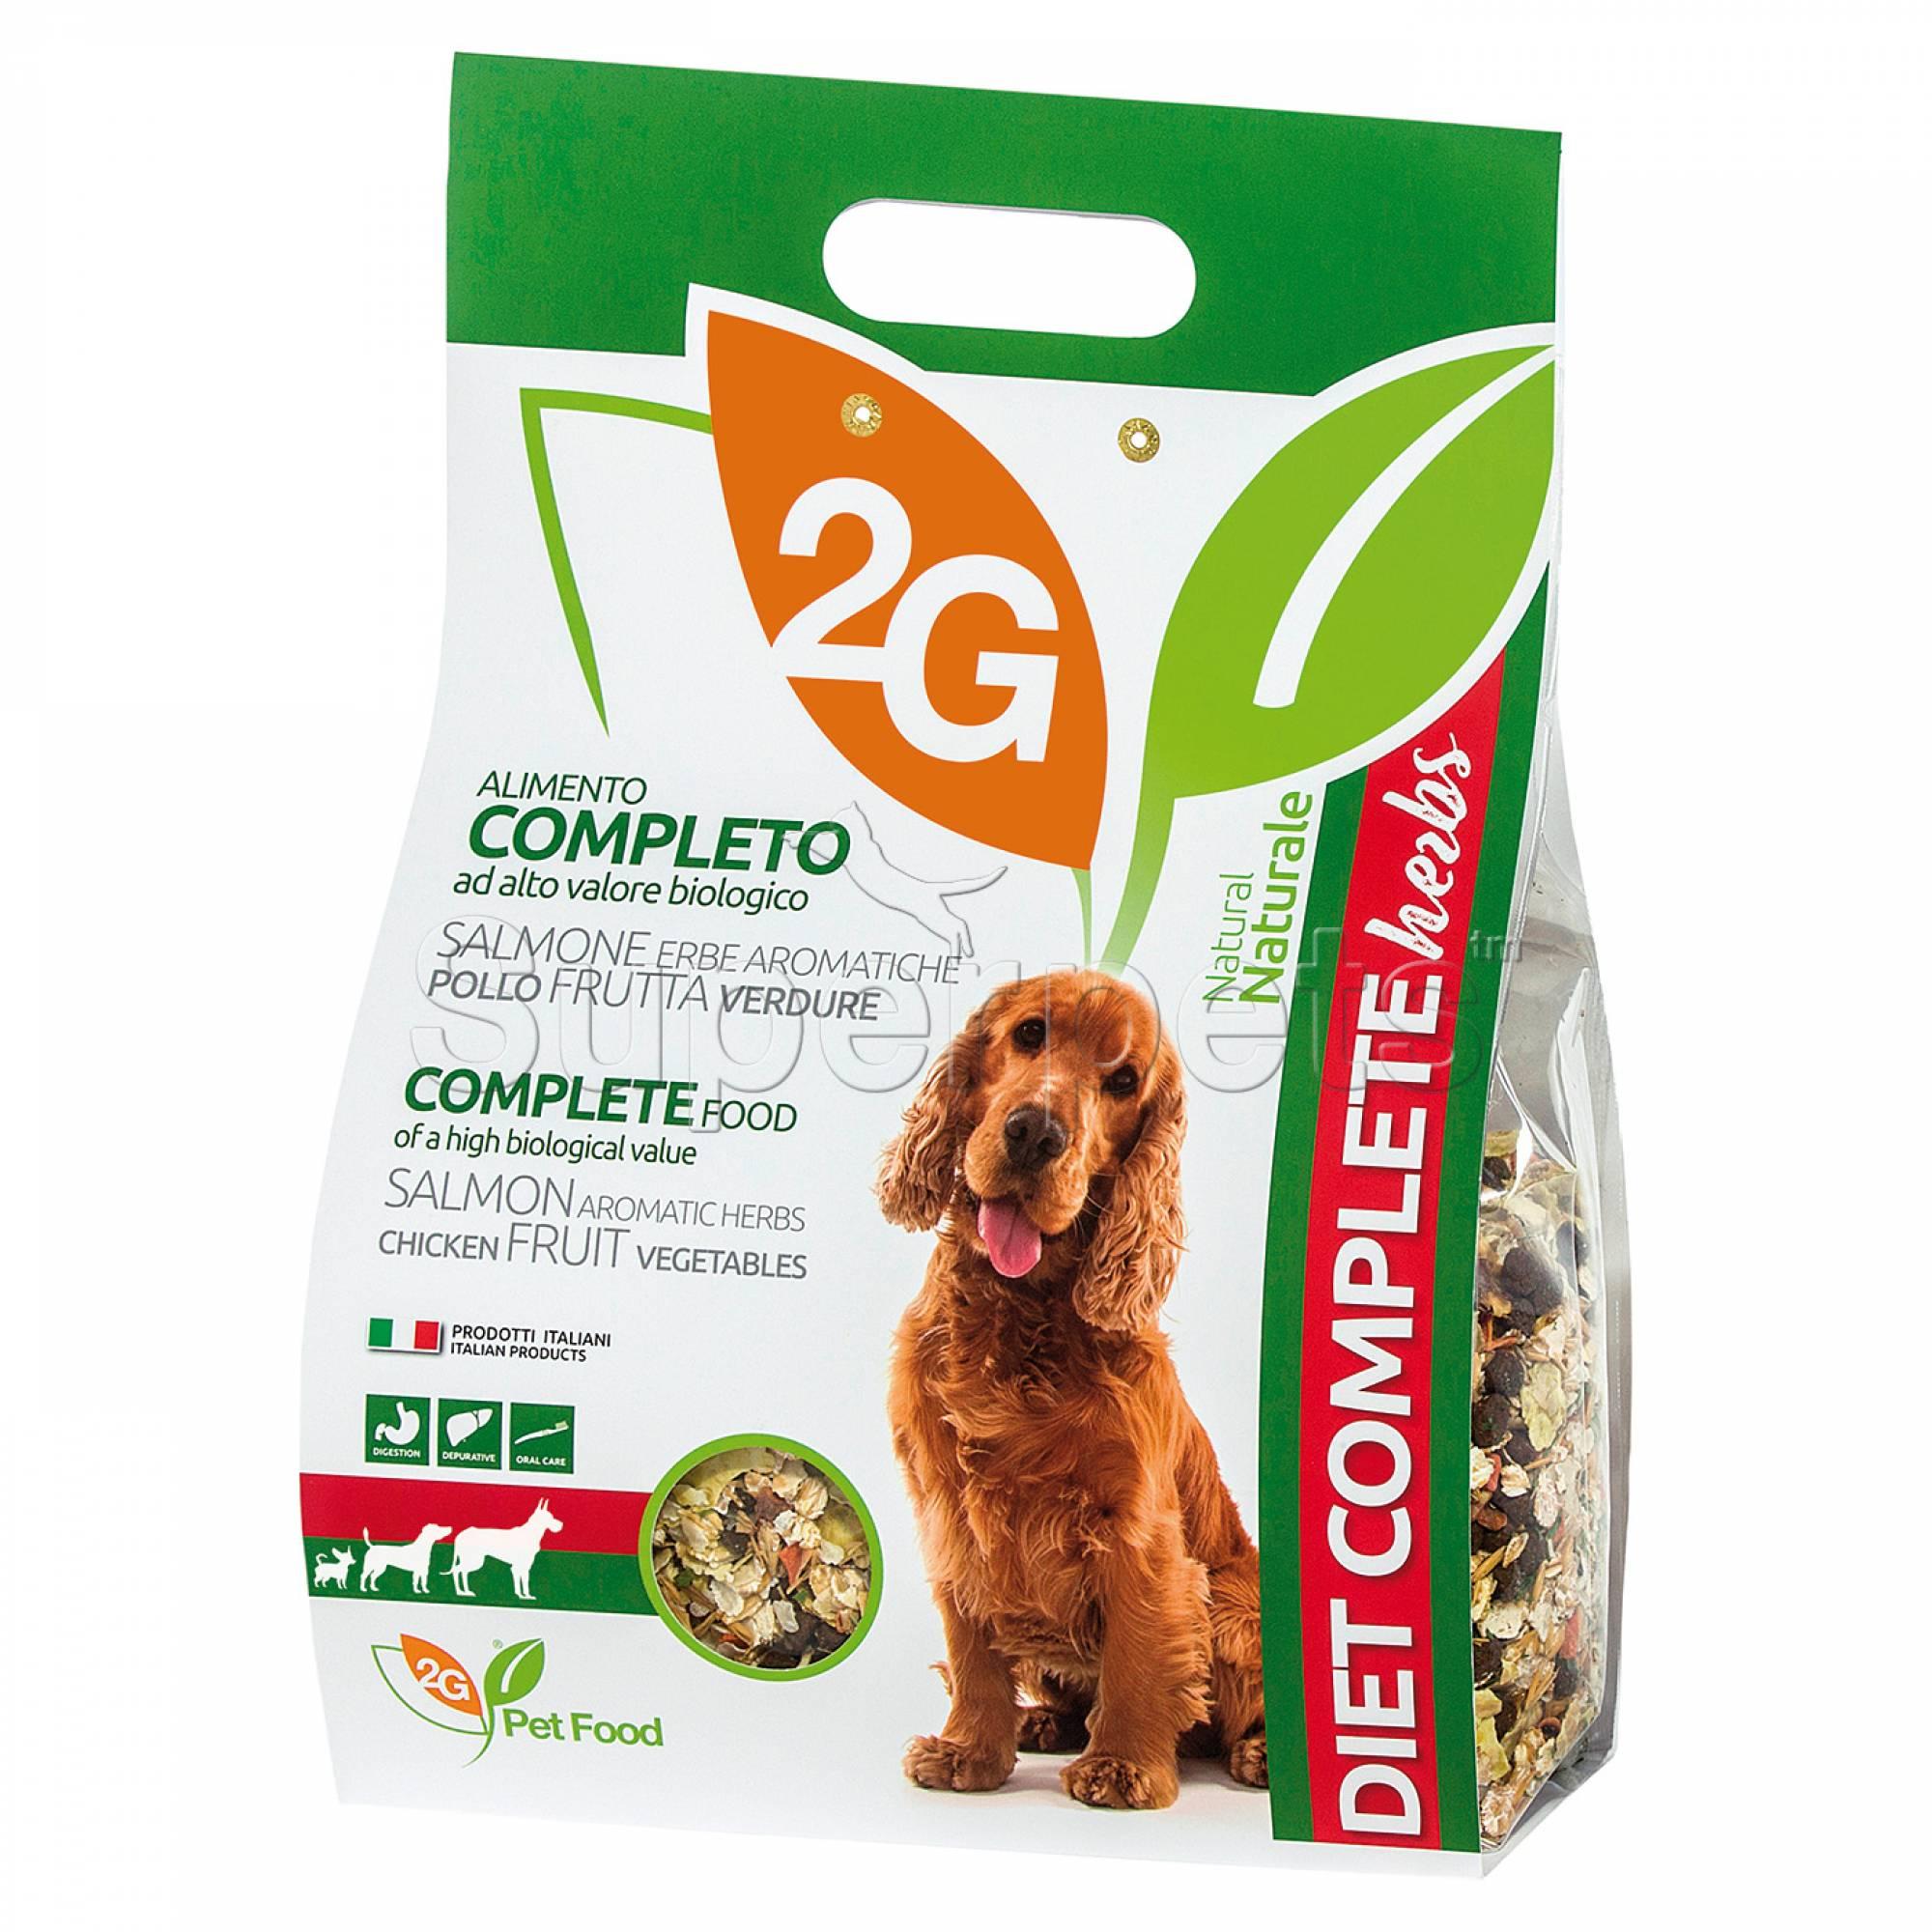 2G Pet Food - Diet Complete Herbs 2kg